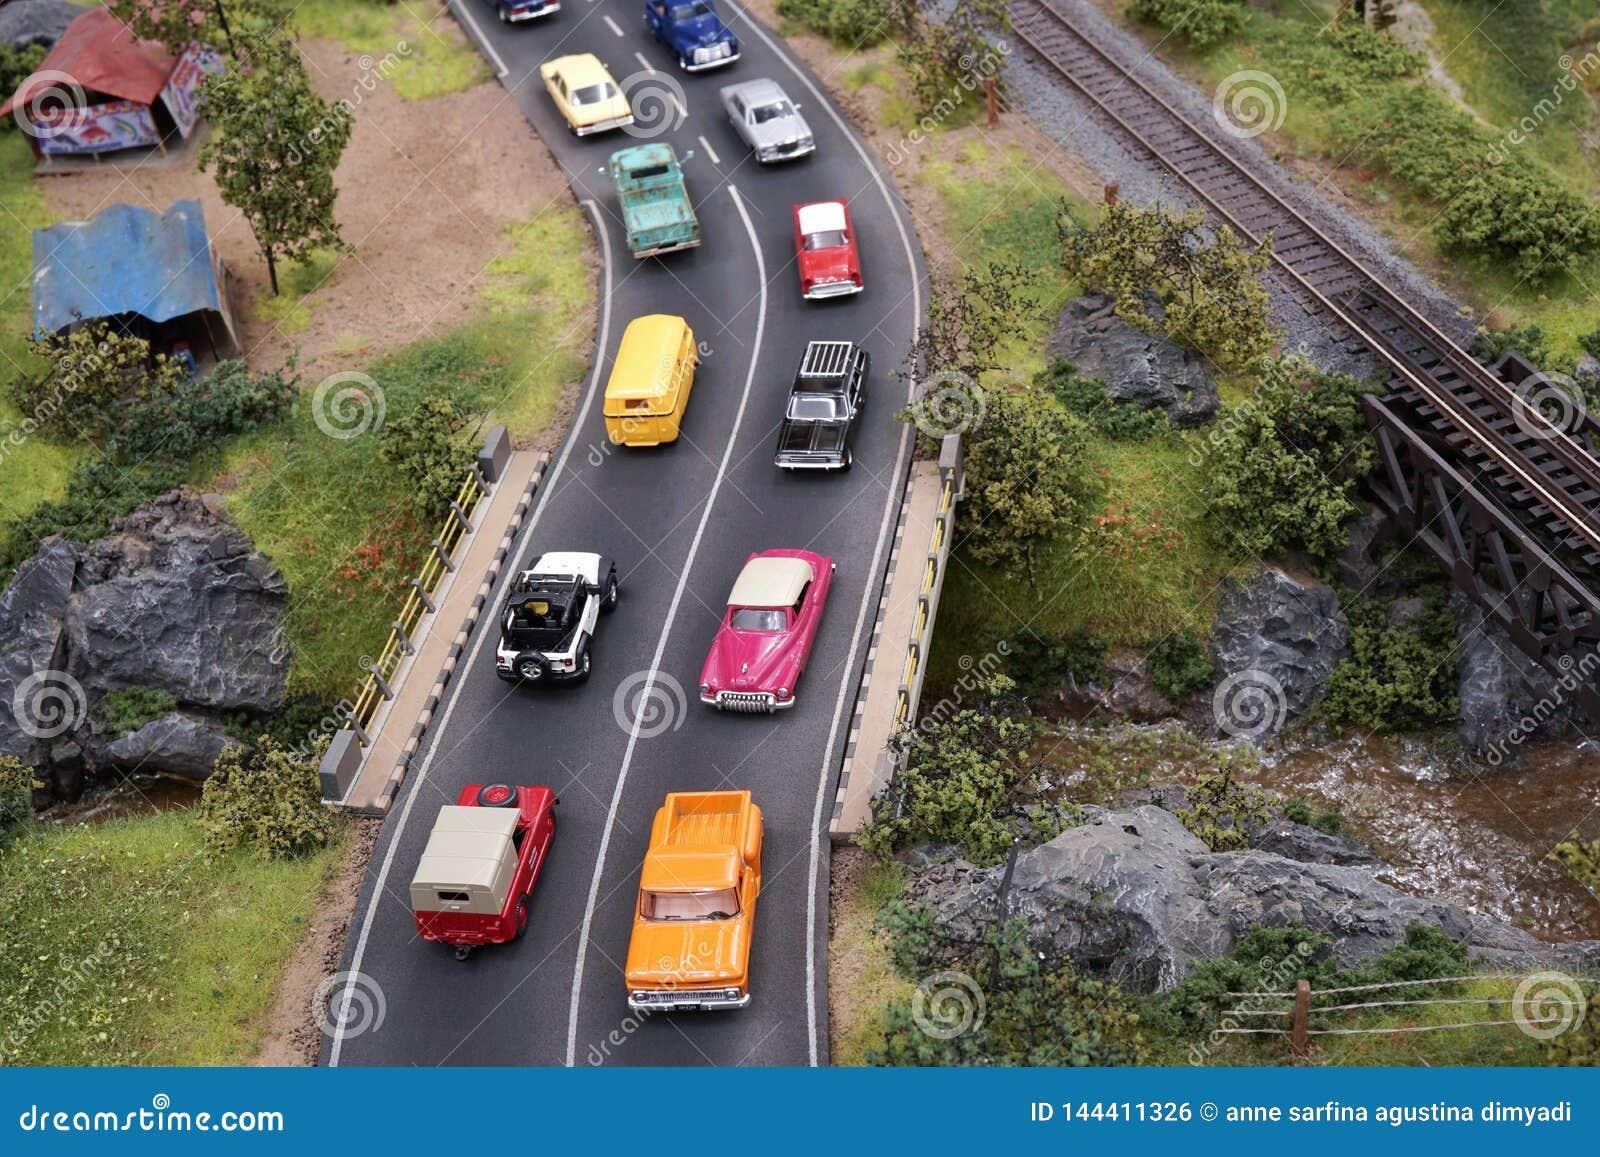 Μικροσκοπική συσσωρευμένη οδική κυκλοφορία με πολλά αυτοκίνητα στην οδό